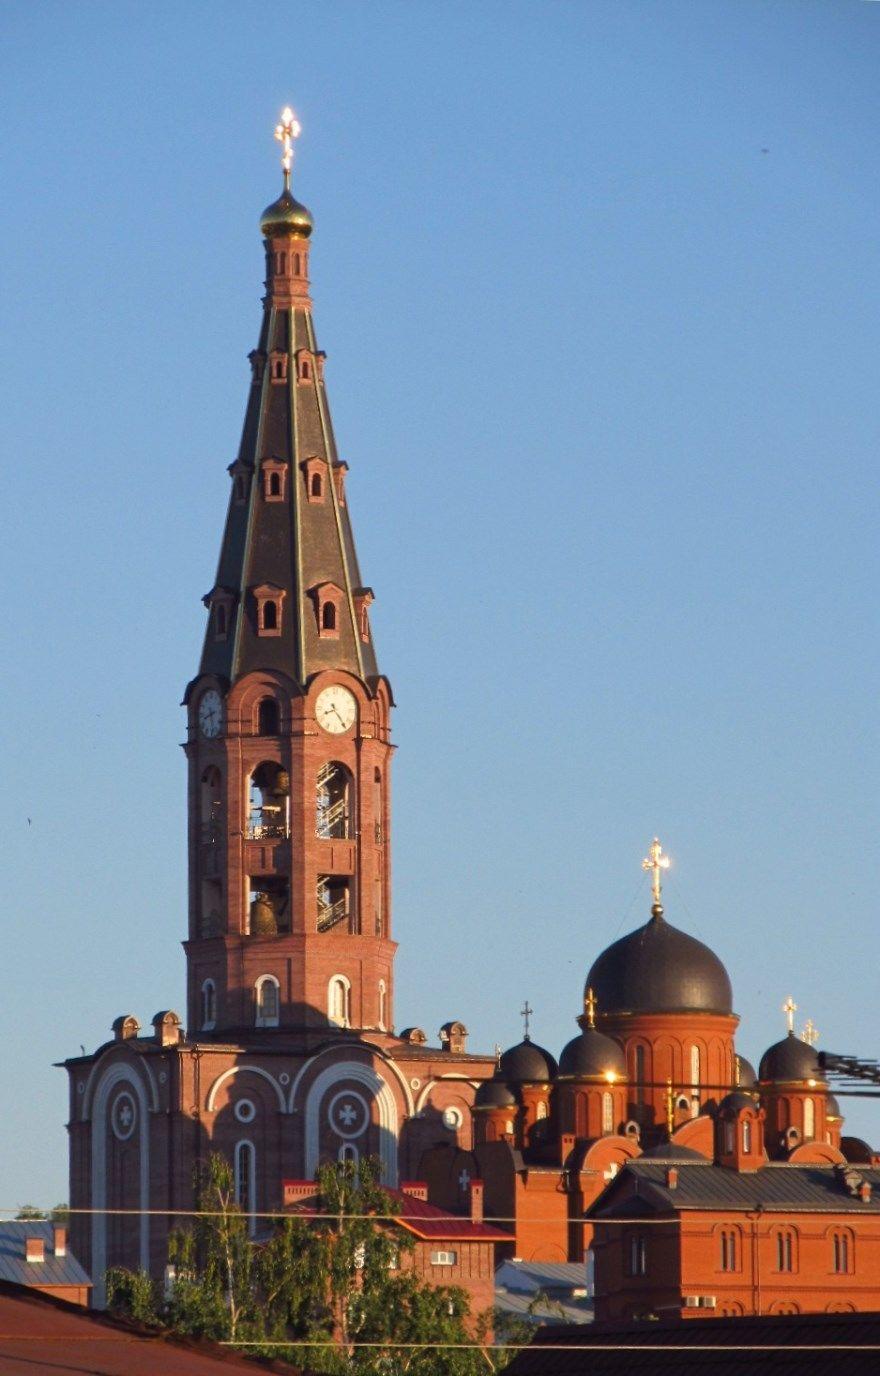 Смотреть фото города Алатырь 2020. Скачать бесплатно лучшие фото города Алатырь онлайн с нашего сайта.